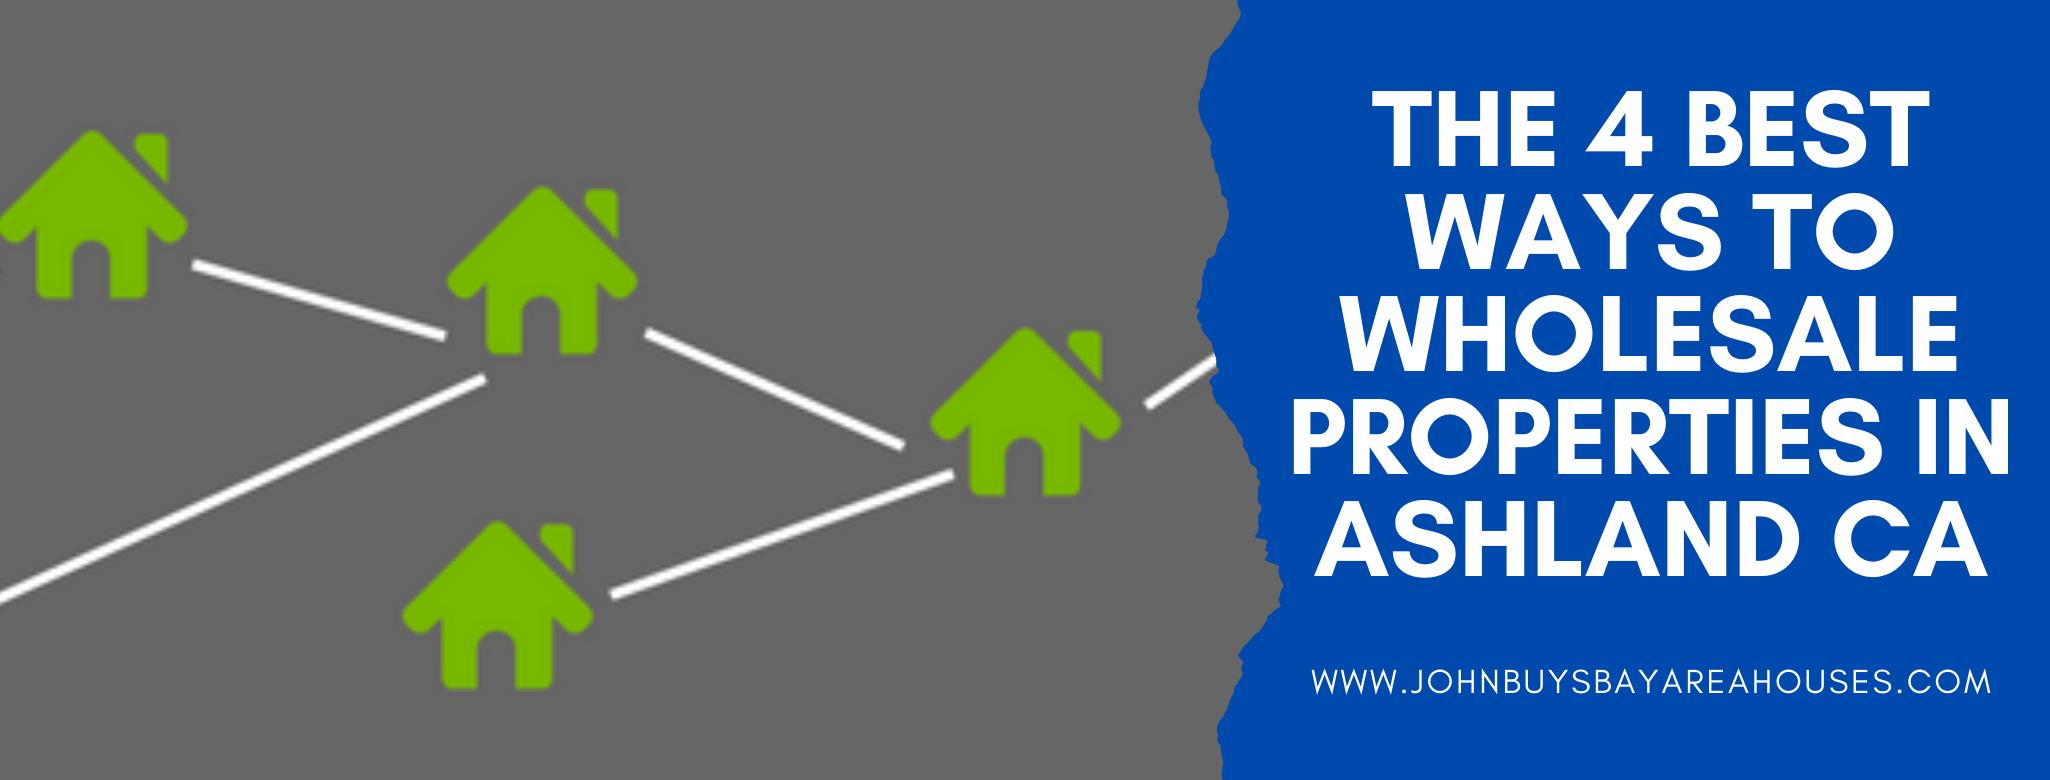 We buy properties in Ashland CA